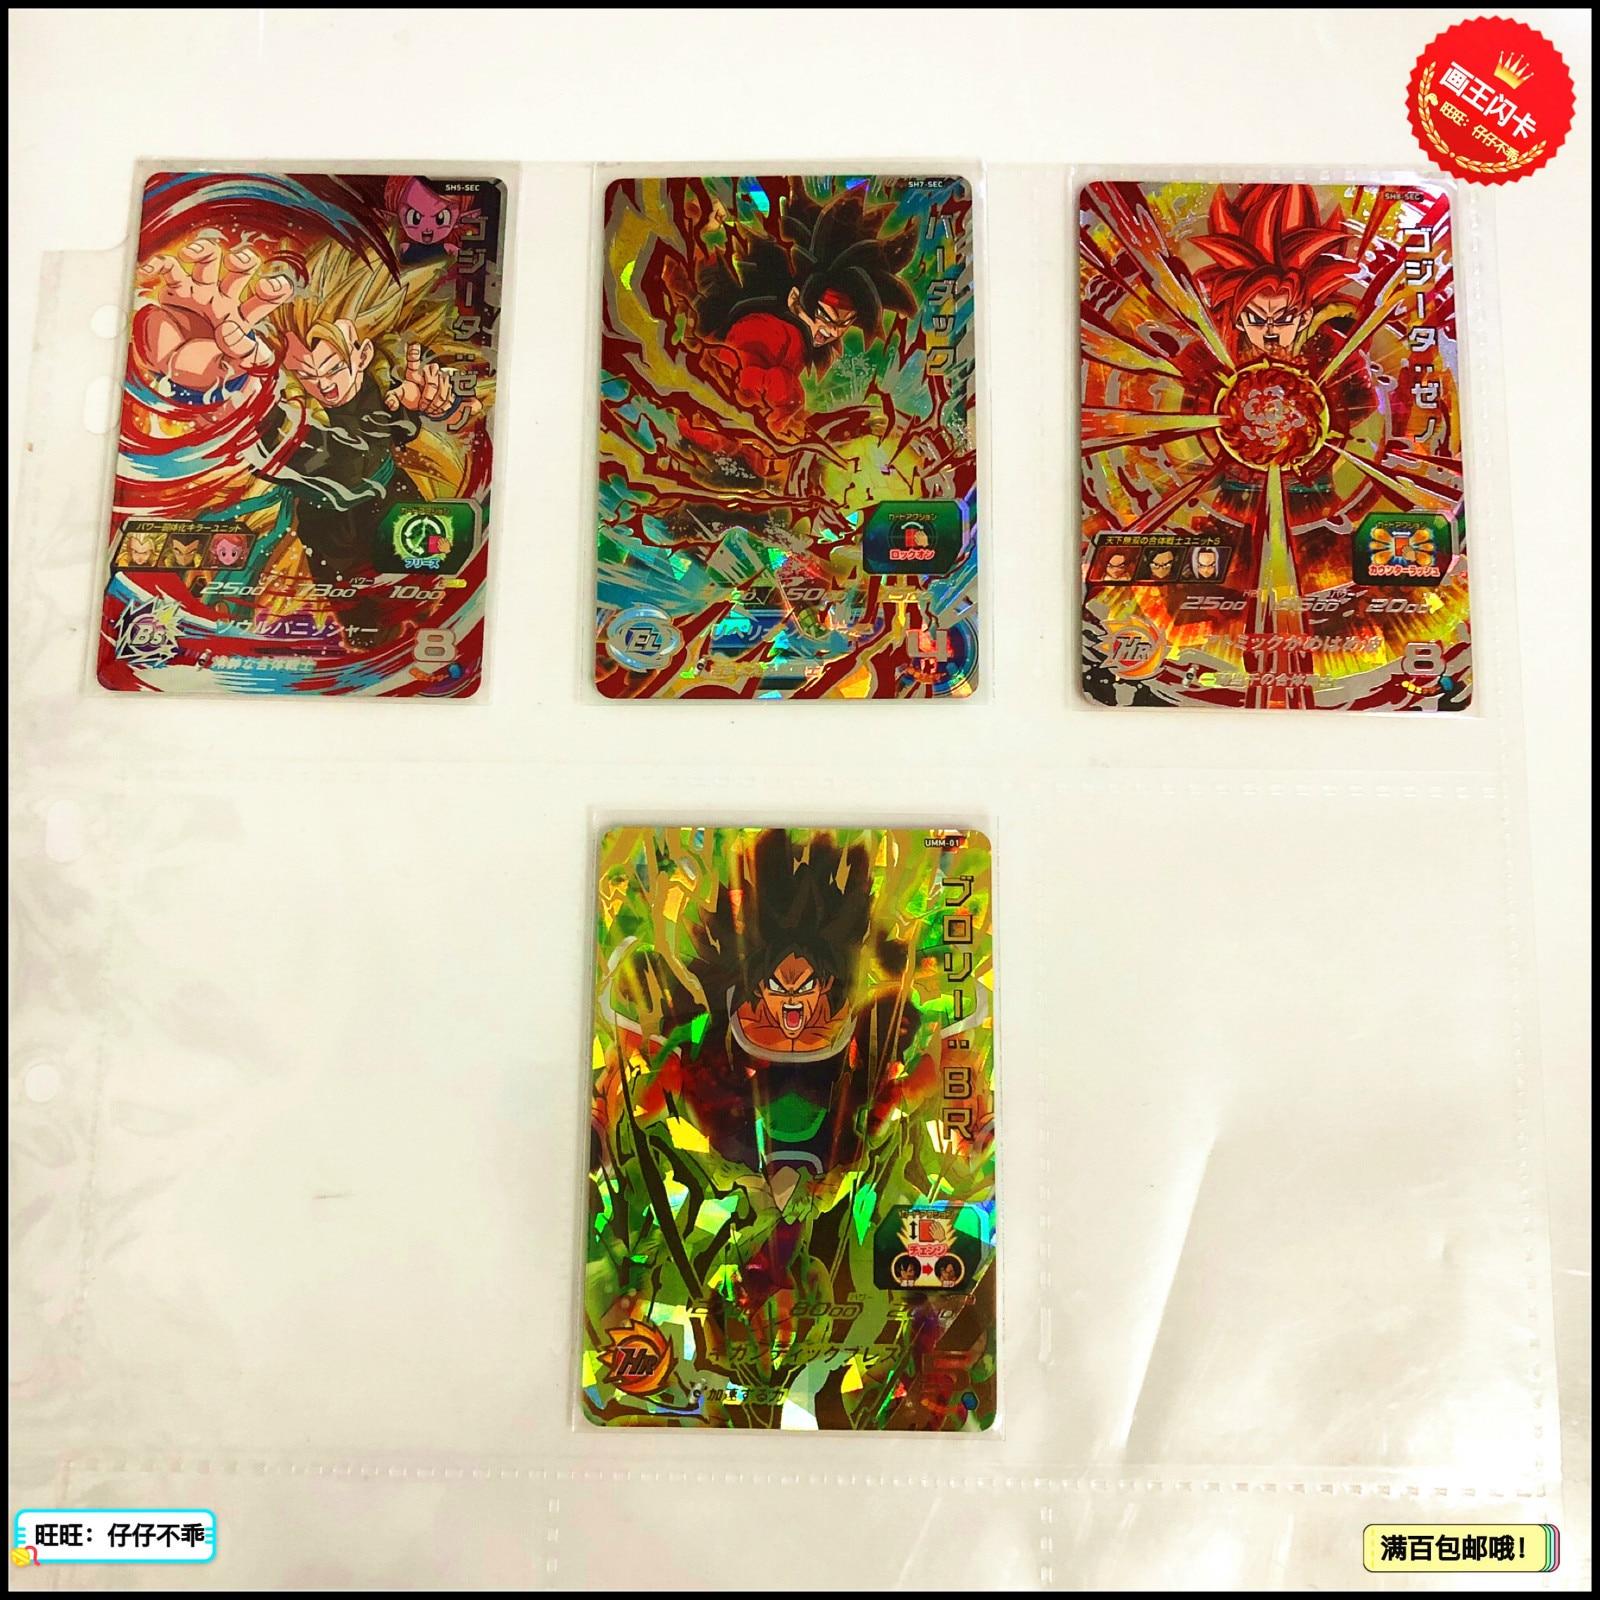 Japan Original Dragon Ball Hero Card SEC UMM UR Goku Toys Hobbies Collectibles Game Collection Anime Cards